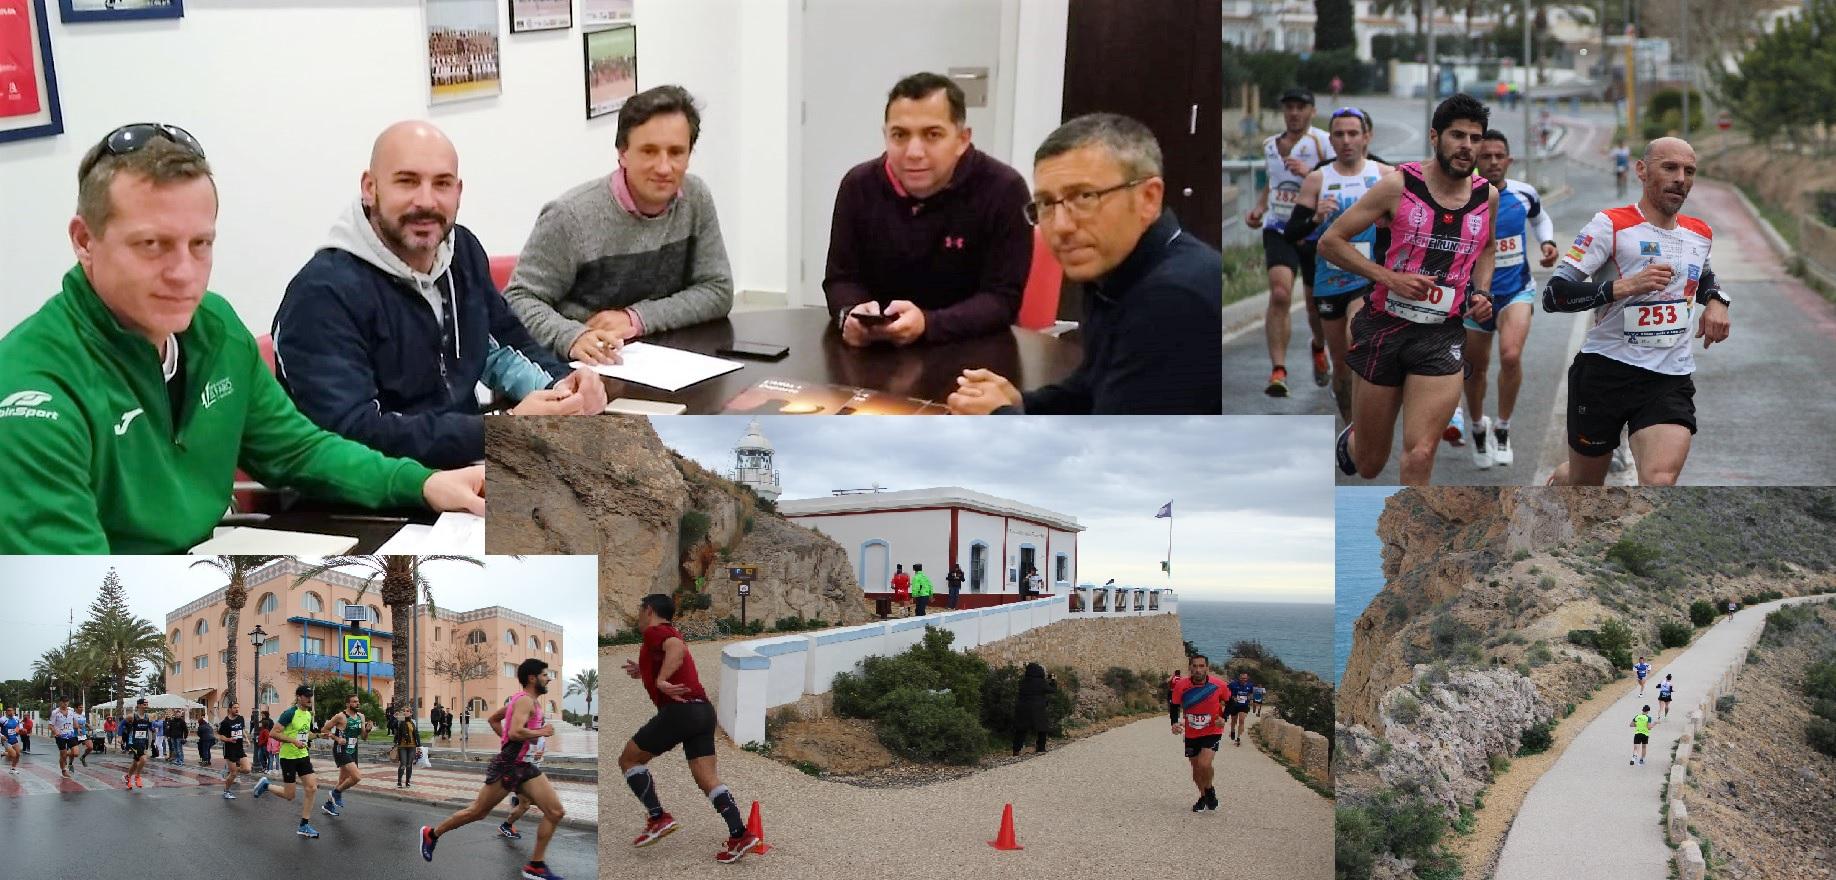 El Club Atletismo el Faro comunica a la Concejalía el inicio del plazo de inscripción para las X Millas de la Costa Blanca